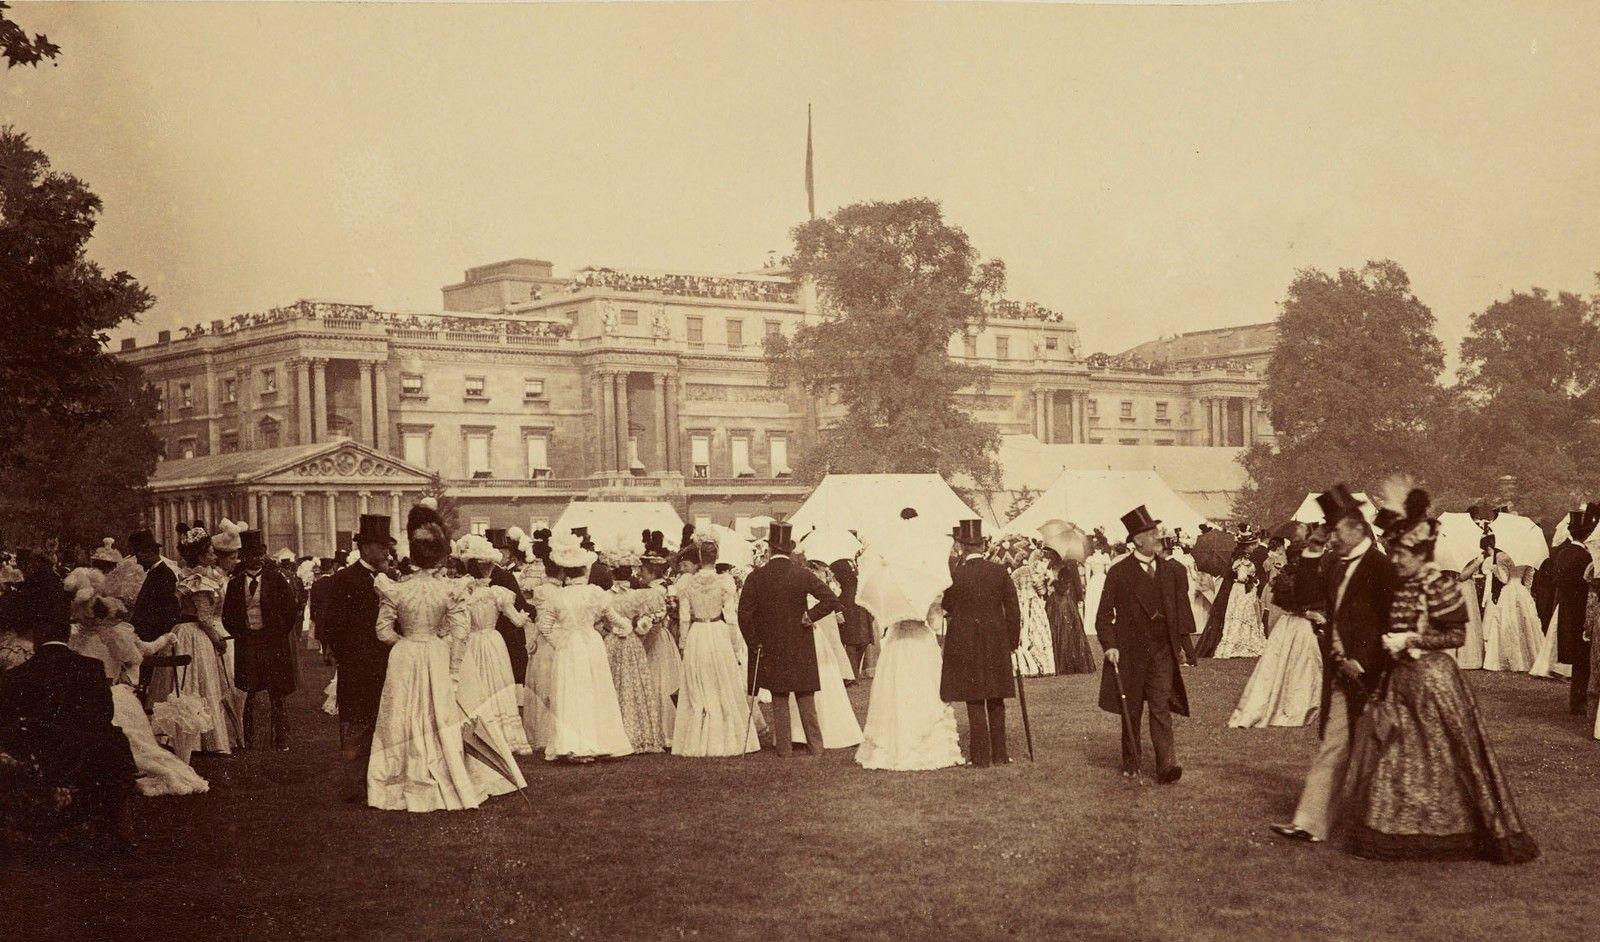 Градинско парти в Бъкингамския дворец по повод диамантения юбилей на кралица Виктория през 1897 г.